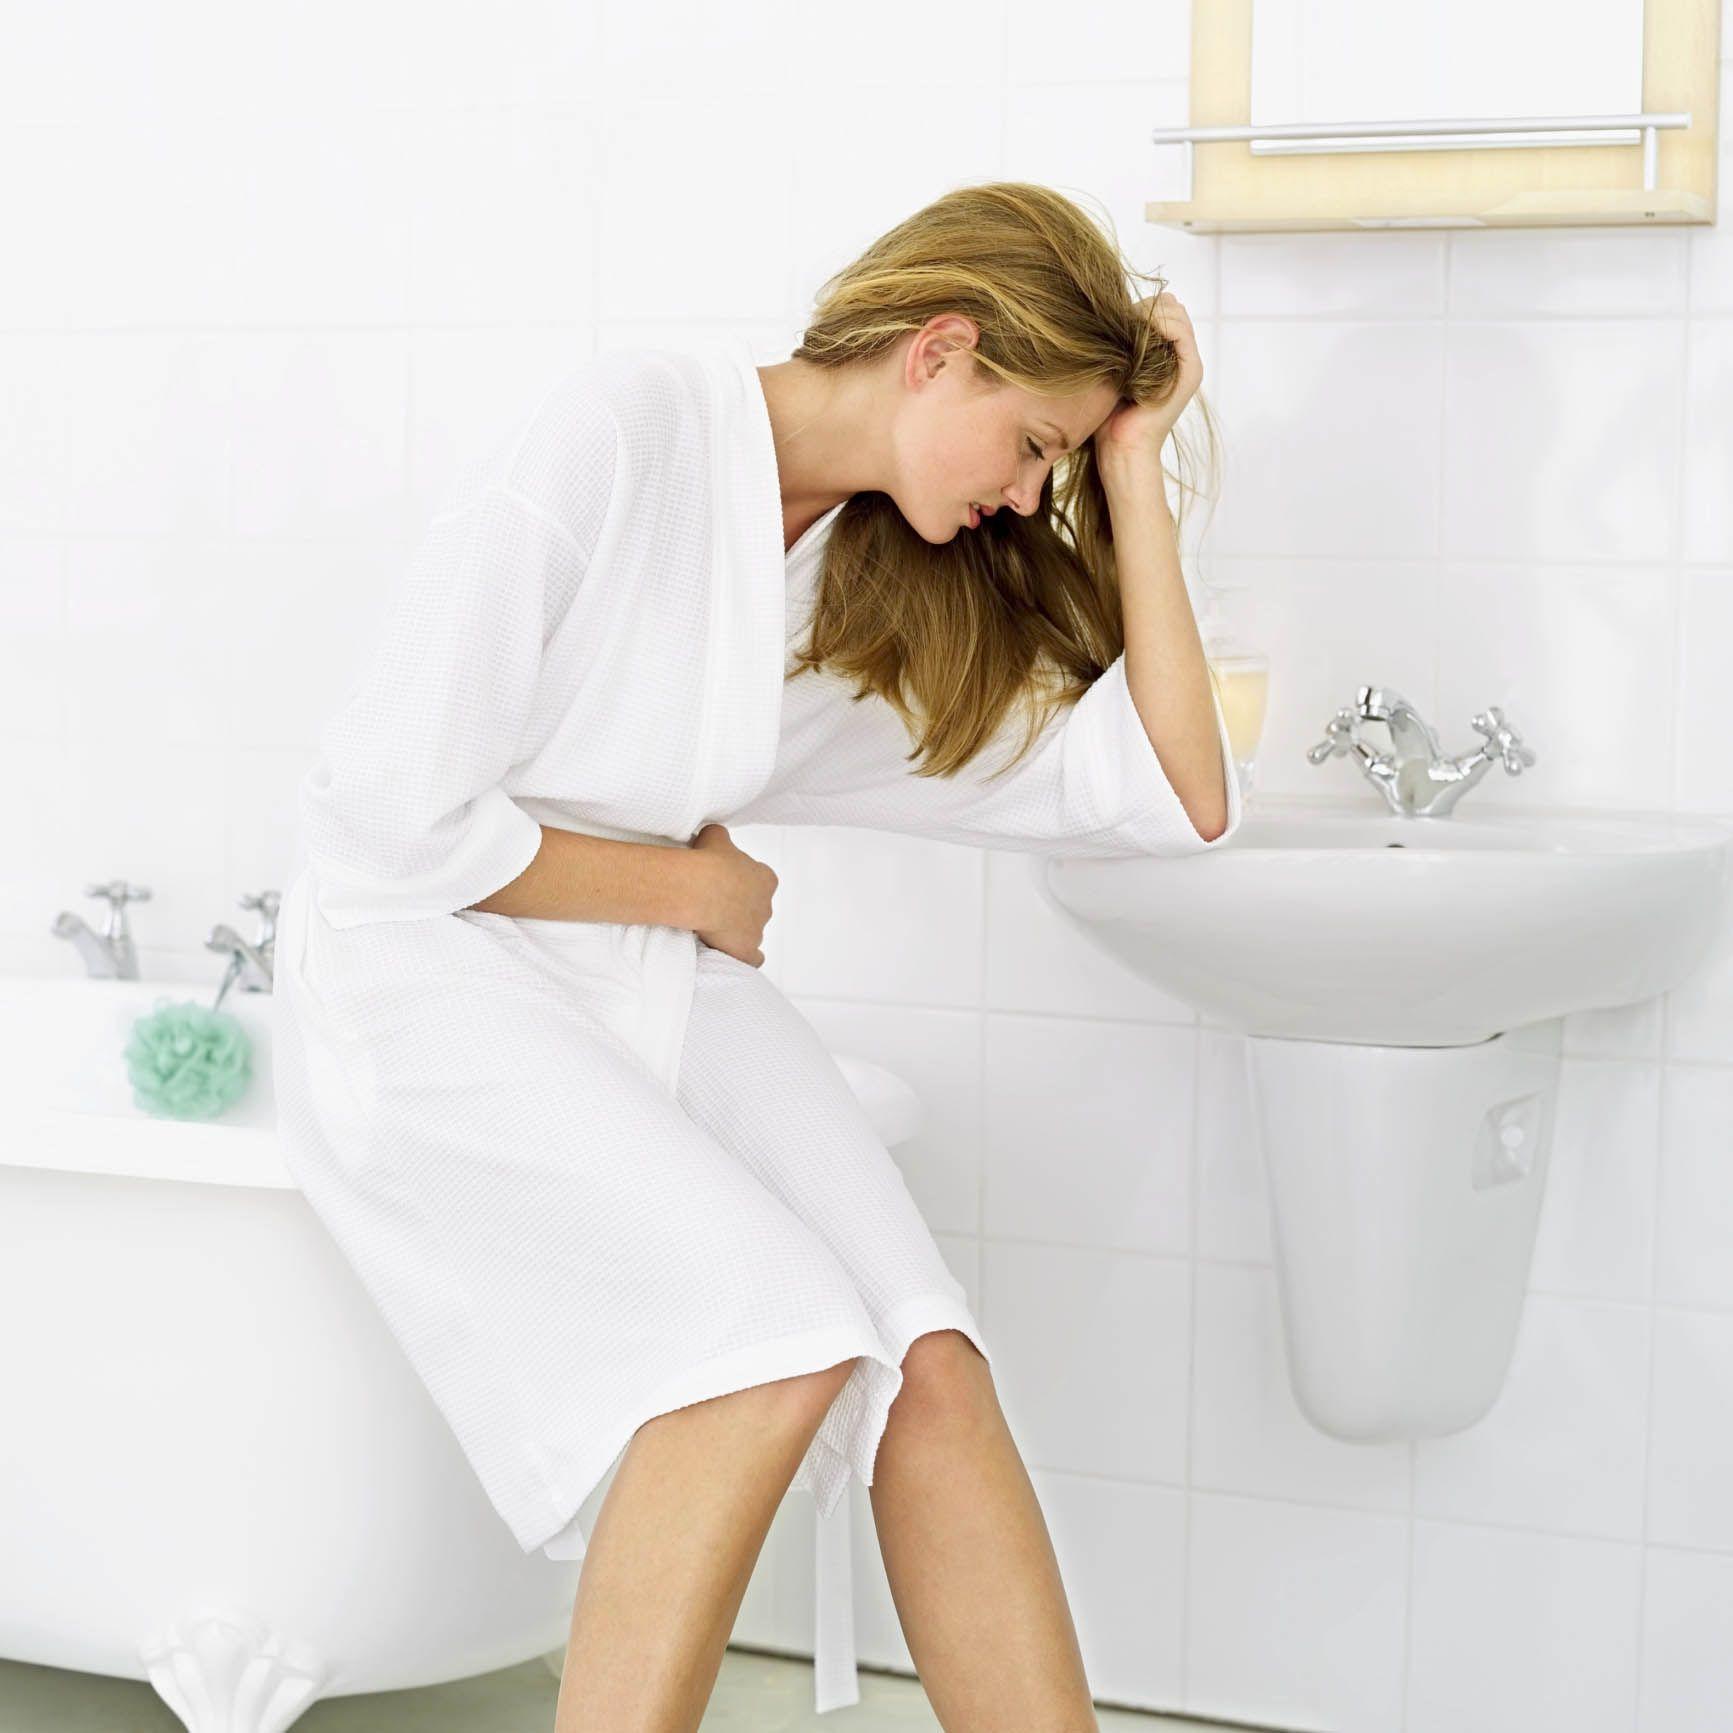 Hiperaciditatea gastrică. Cele mai frecvente cauze și cum ne alcalinizăm corpul